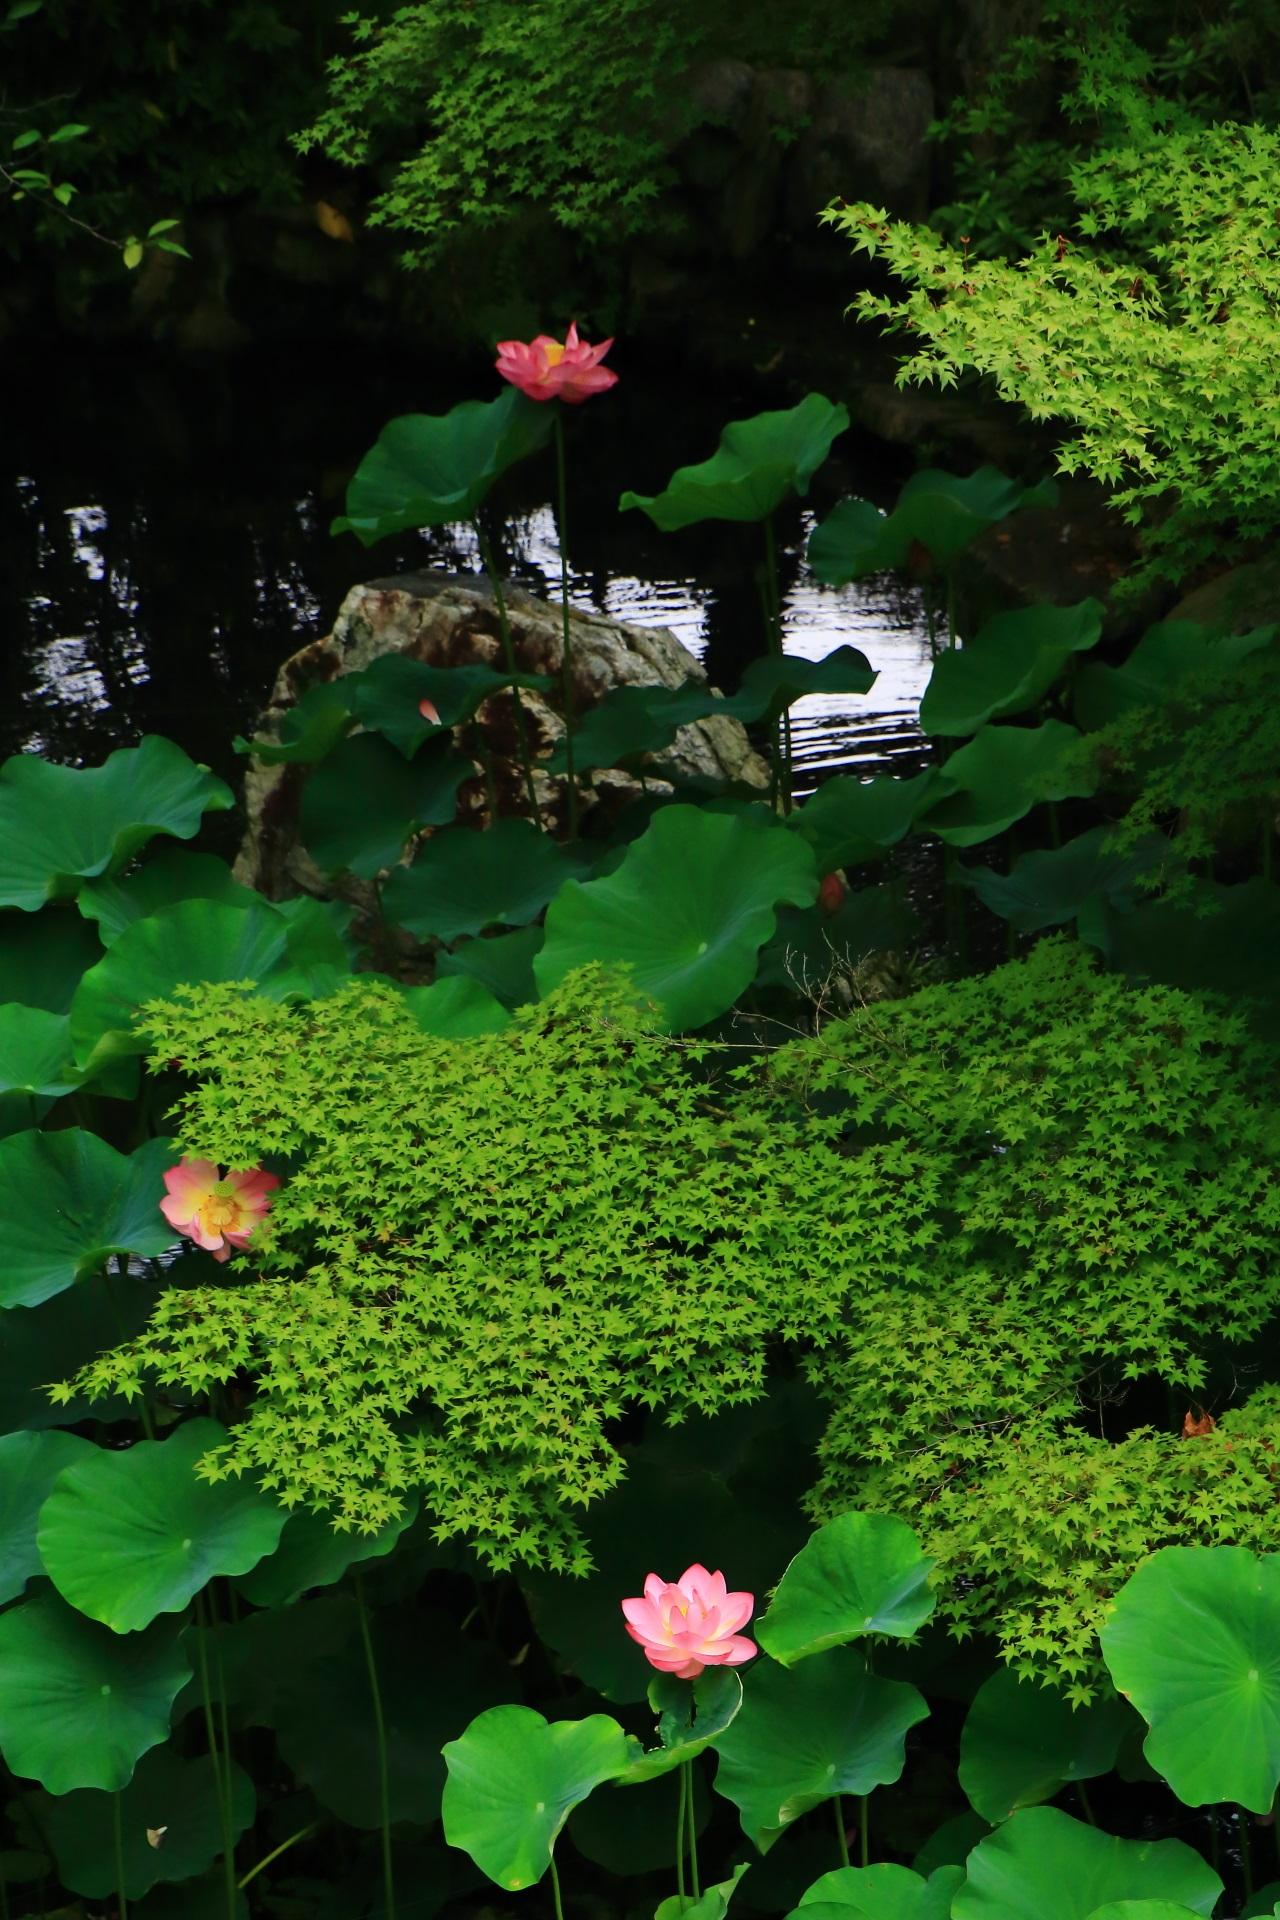 大谷本廟の池の蓮と青もみじと岩と水面の煌きの贅沢な夏の風景